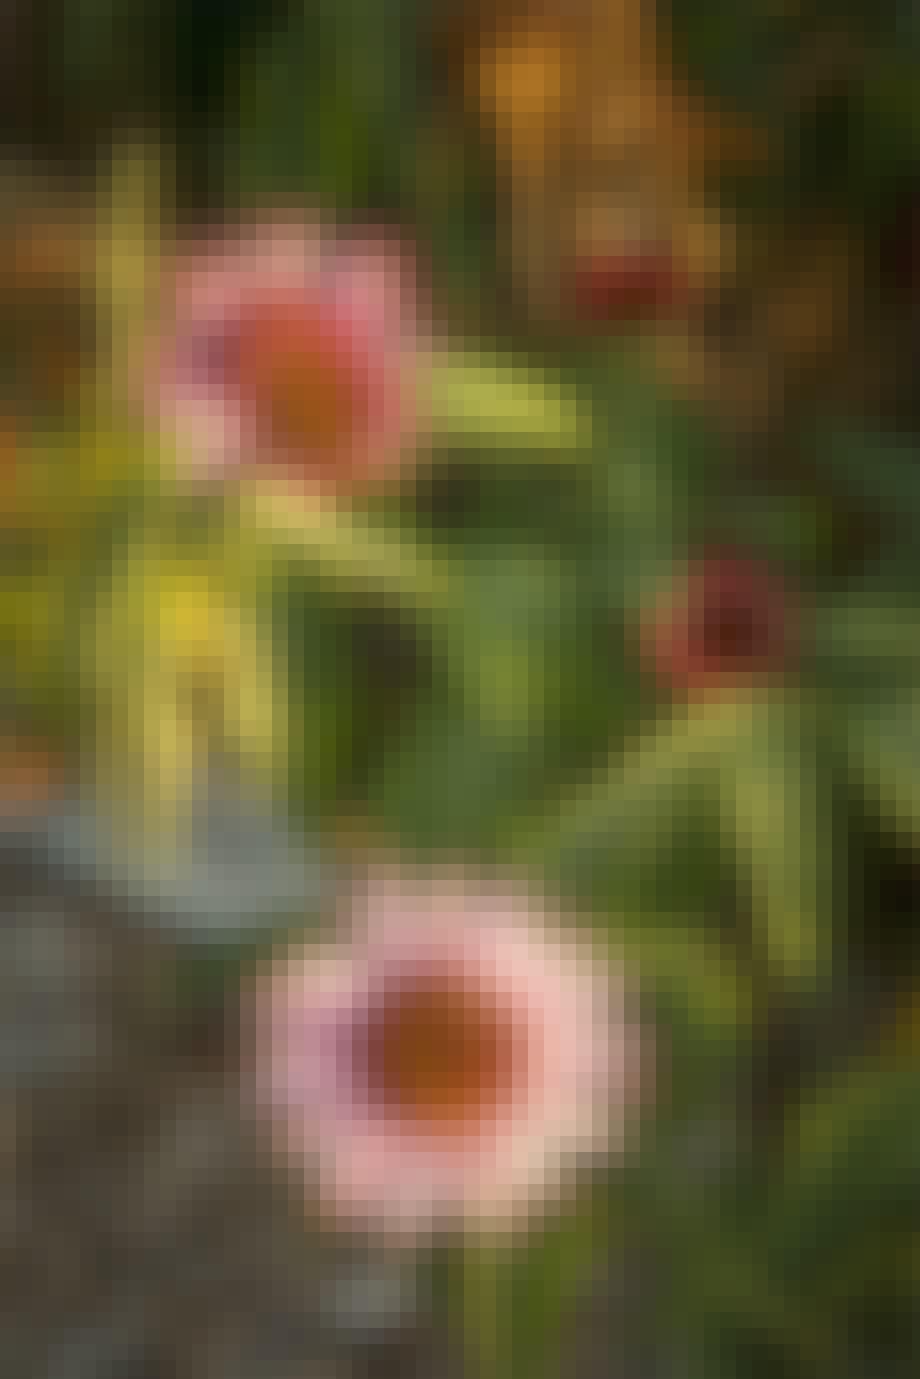 Purpursolhat, Echinacea purpurea